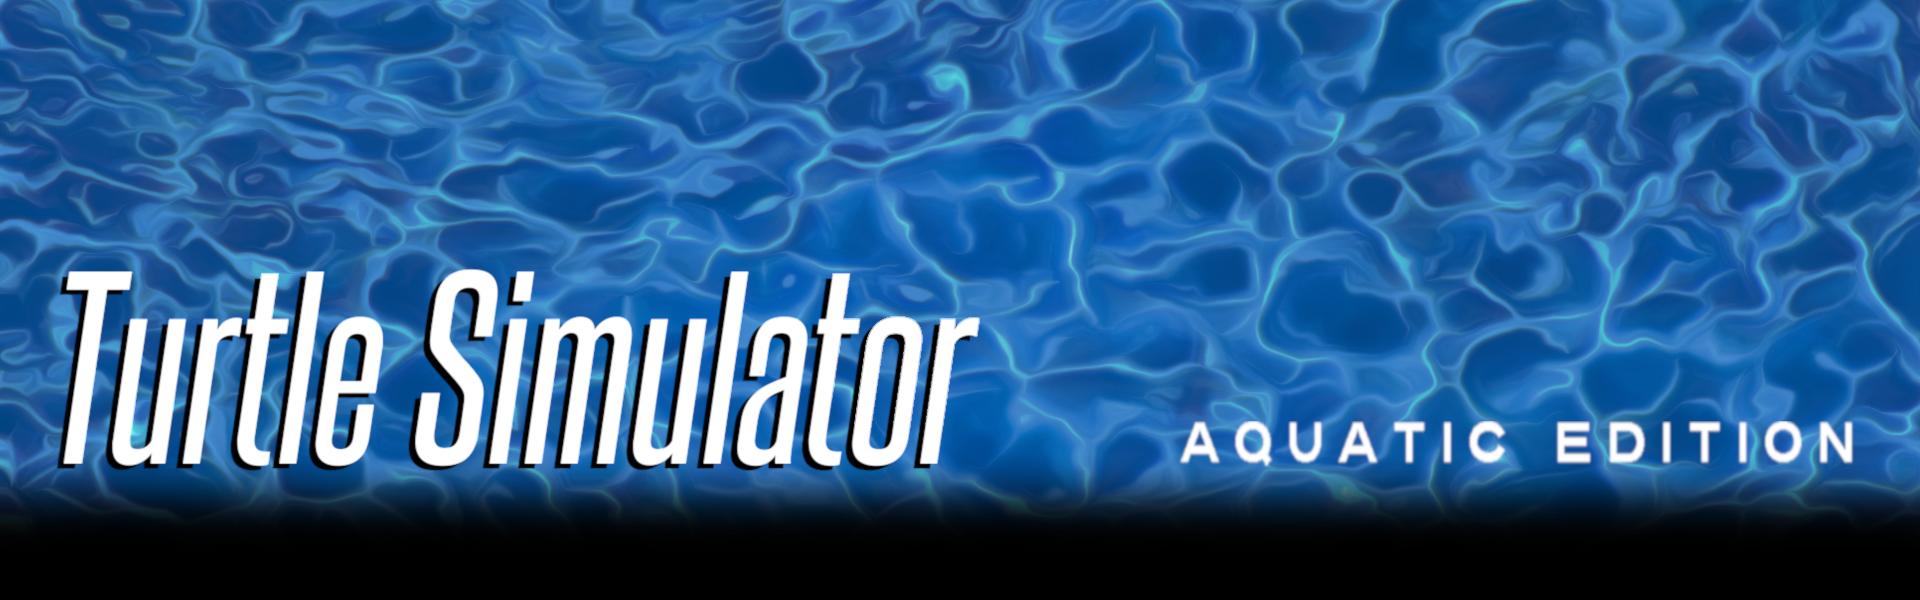 Turtle Simulator: Aquatic Edition